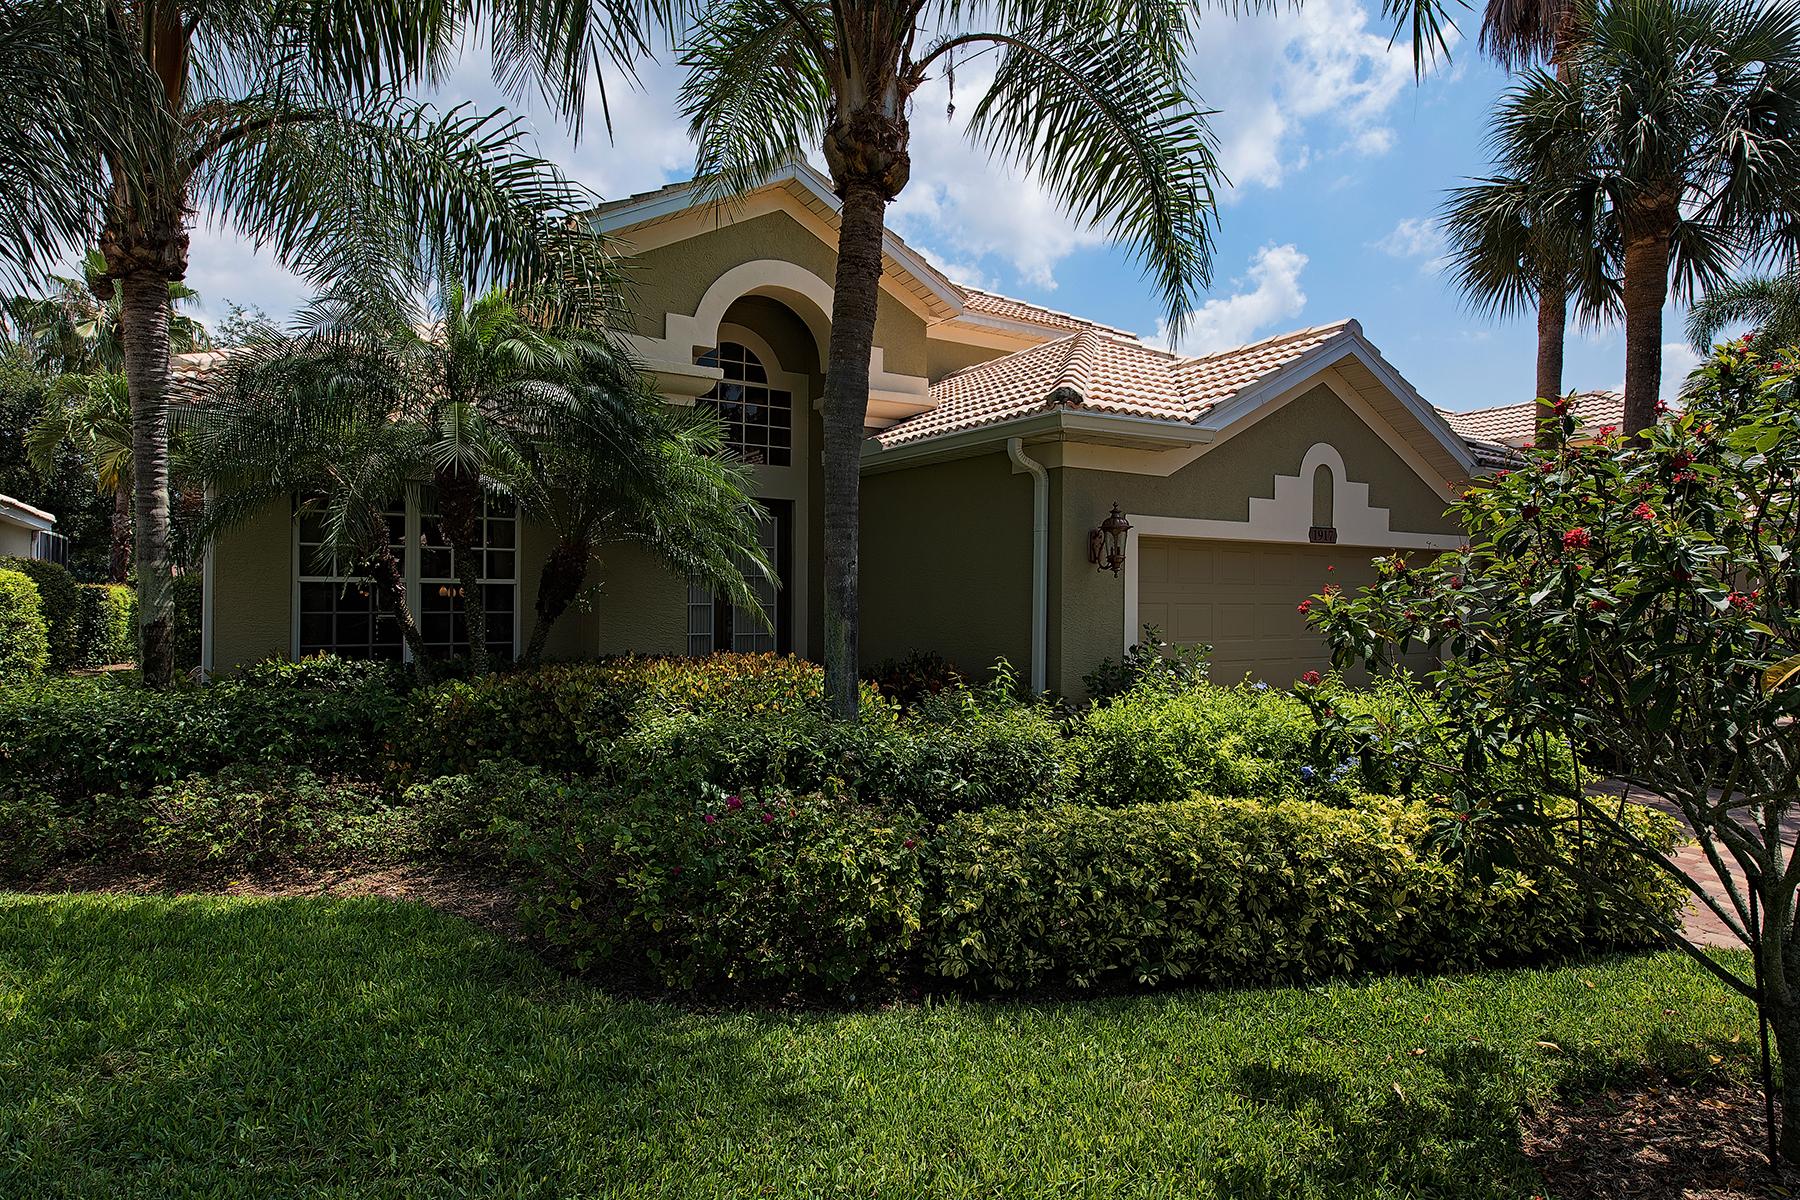 Maison unifamiliale pour l Vente à PELICAN MARSH - TIMARRON 1917 Timarron Way Naples, Florida 34109 États-Unis